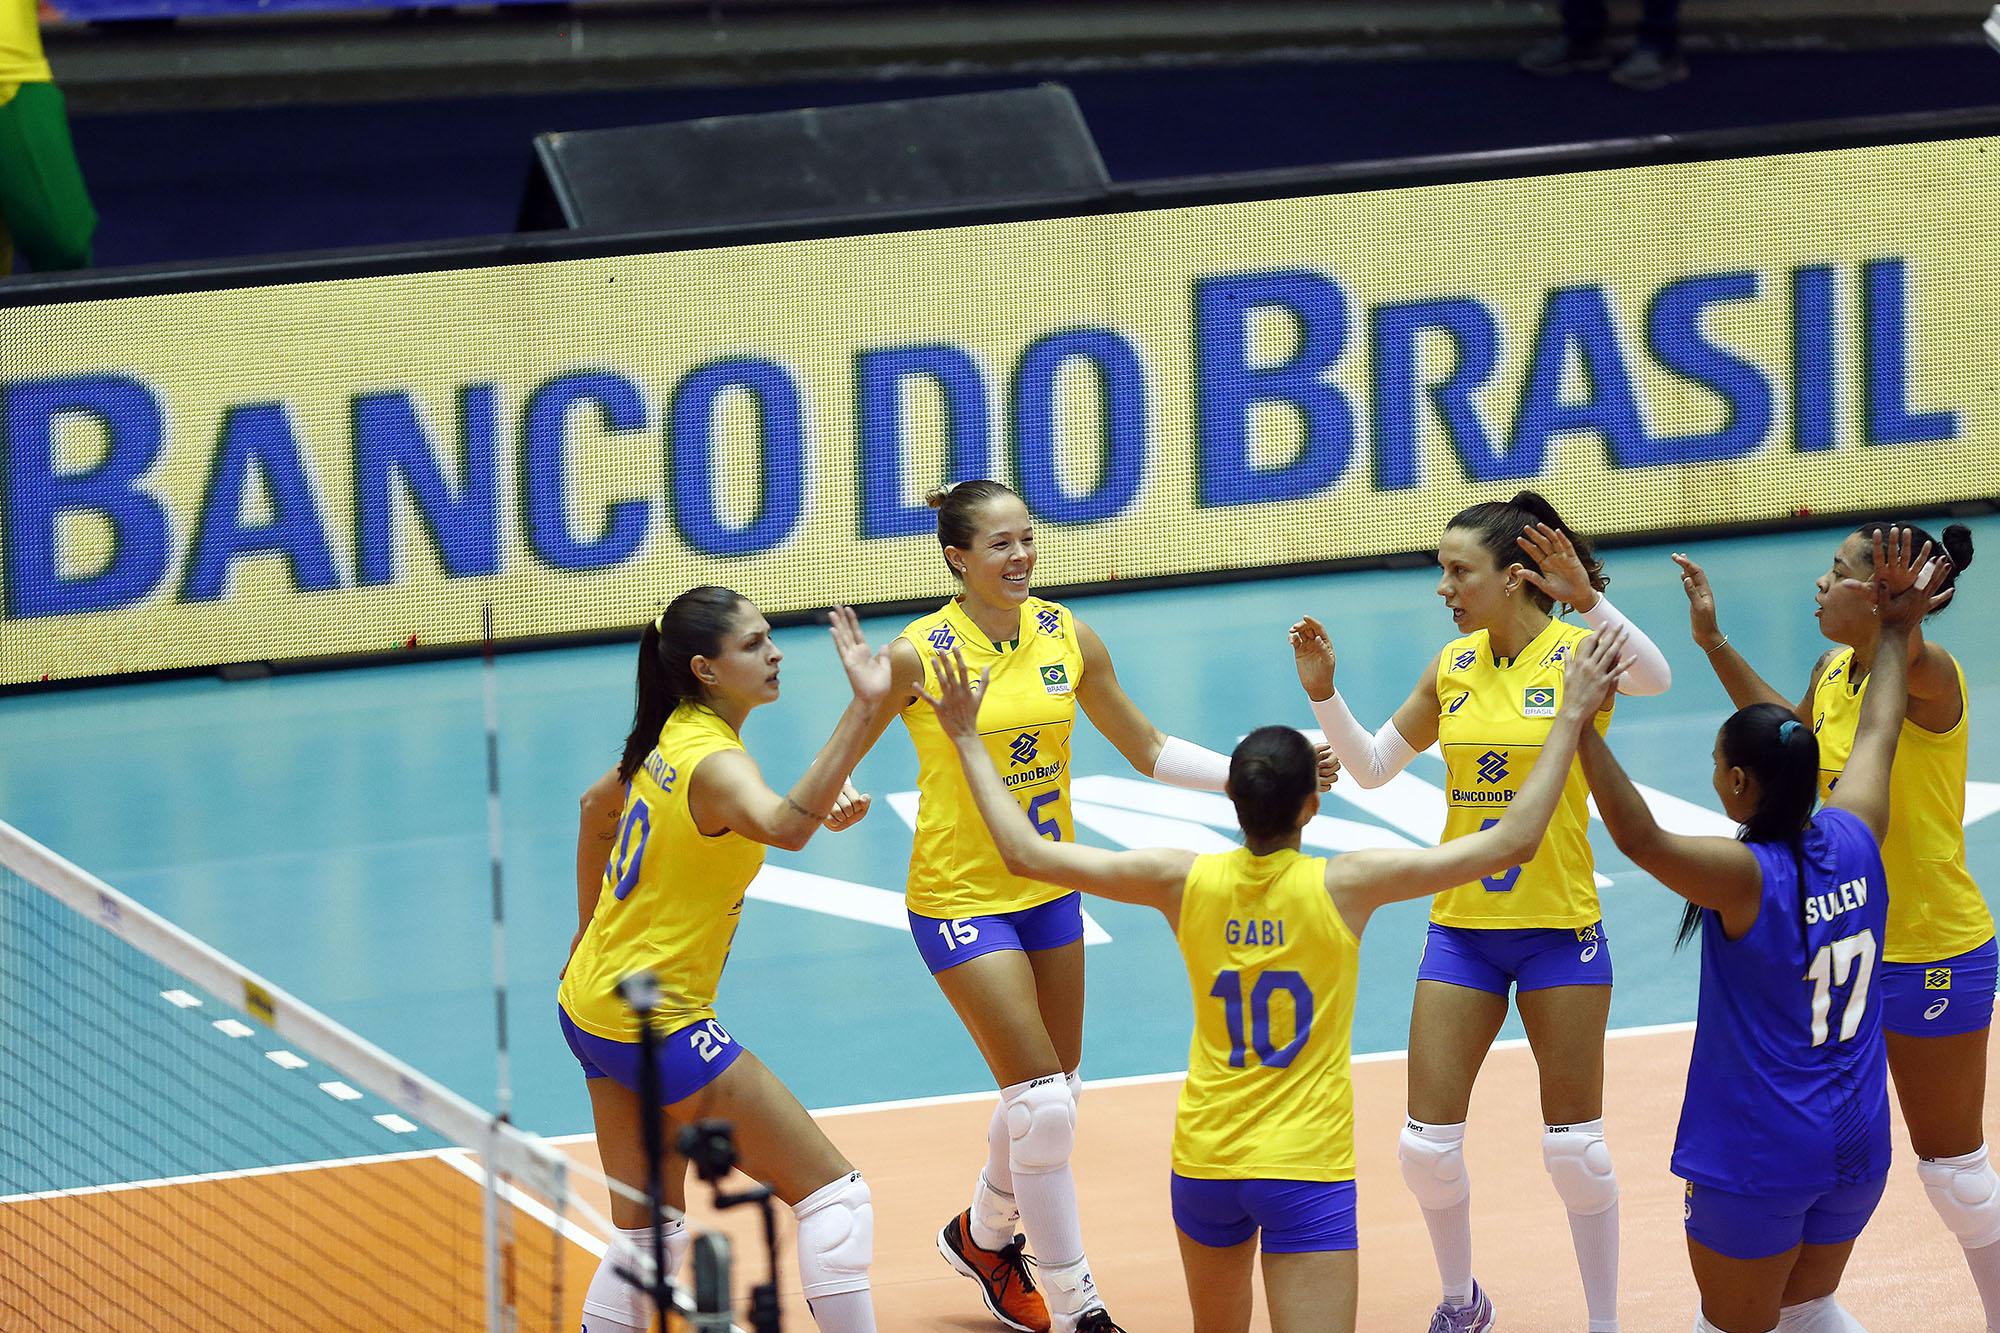 FIVB divulga sedes dos torneios pré-olímpicos